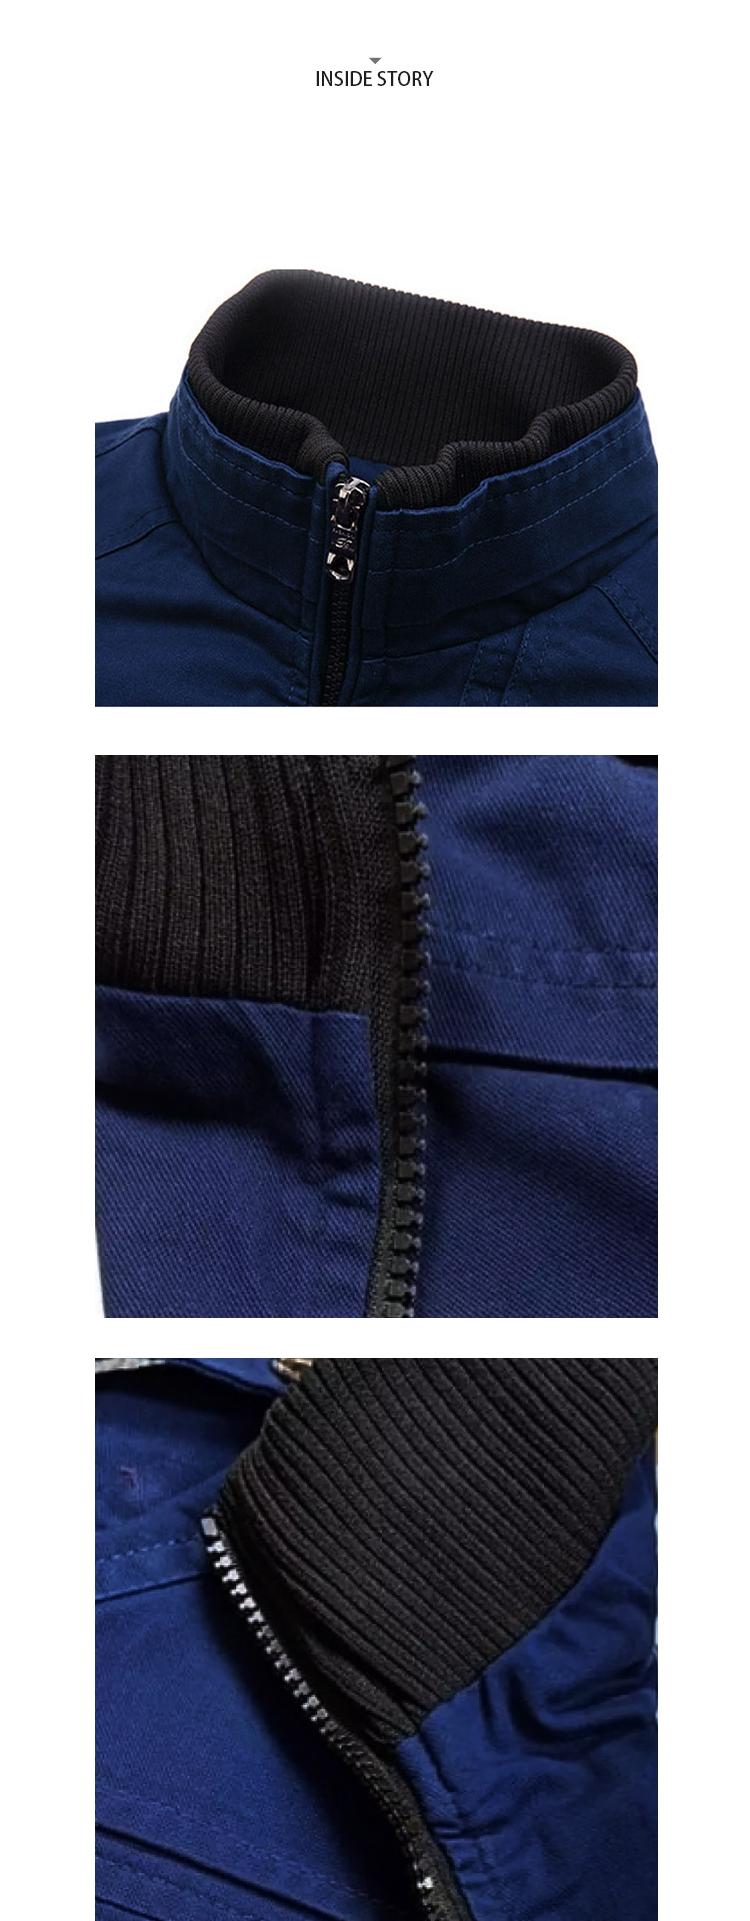 騎士風格單品.拉鍊設計立領夾克